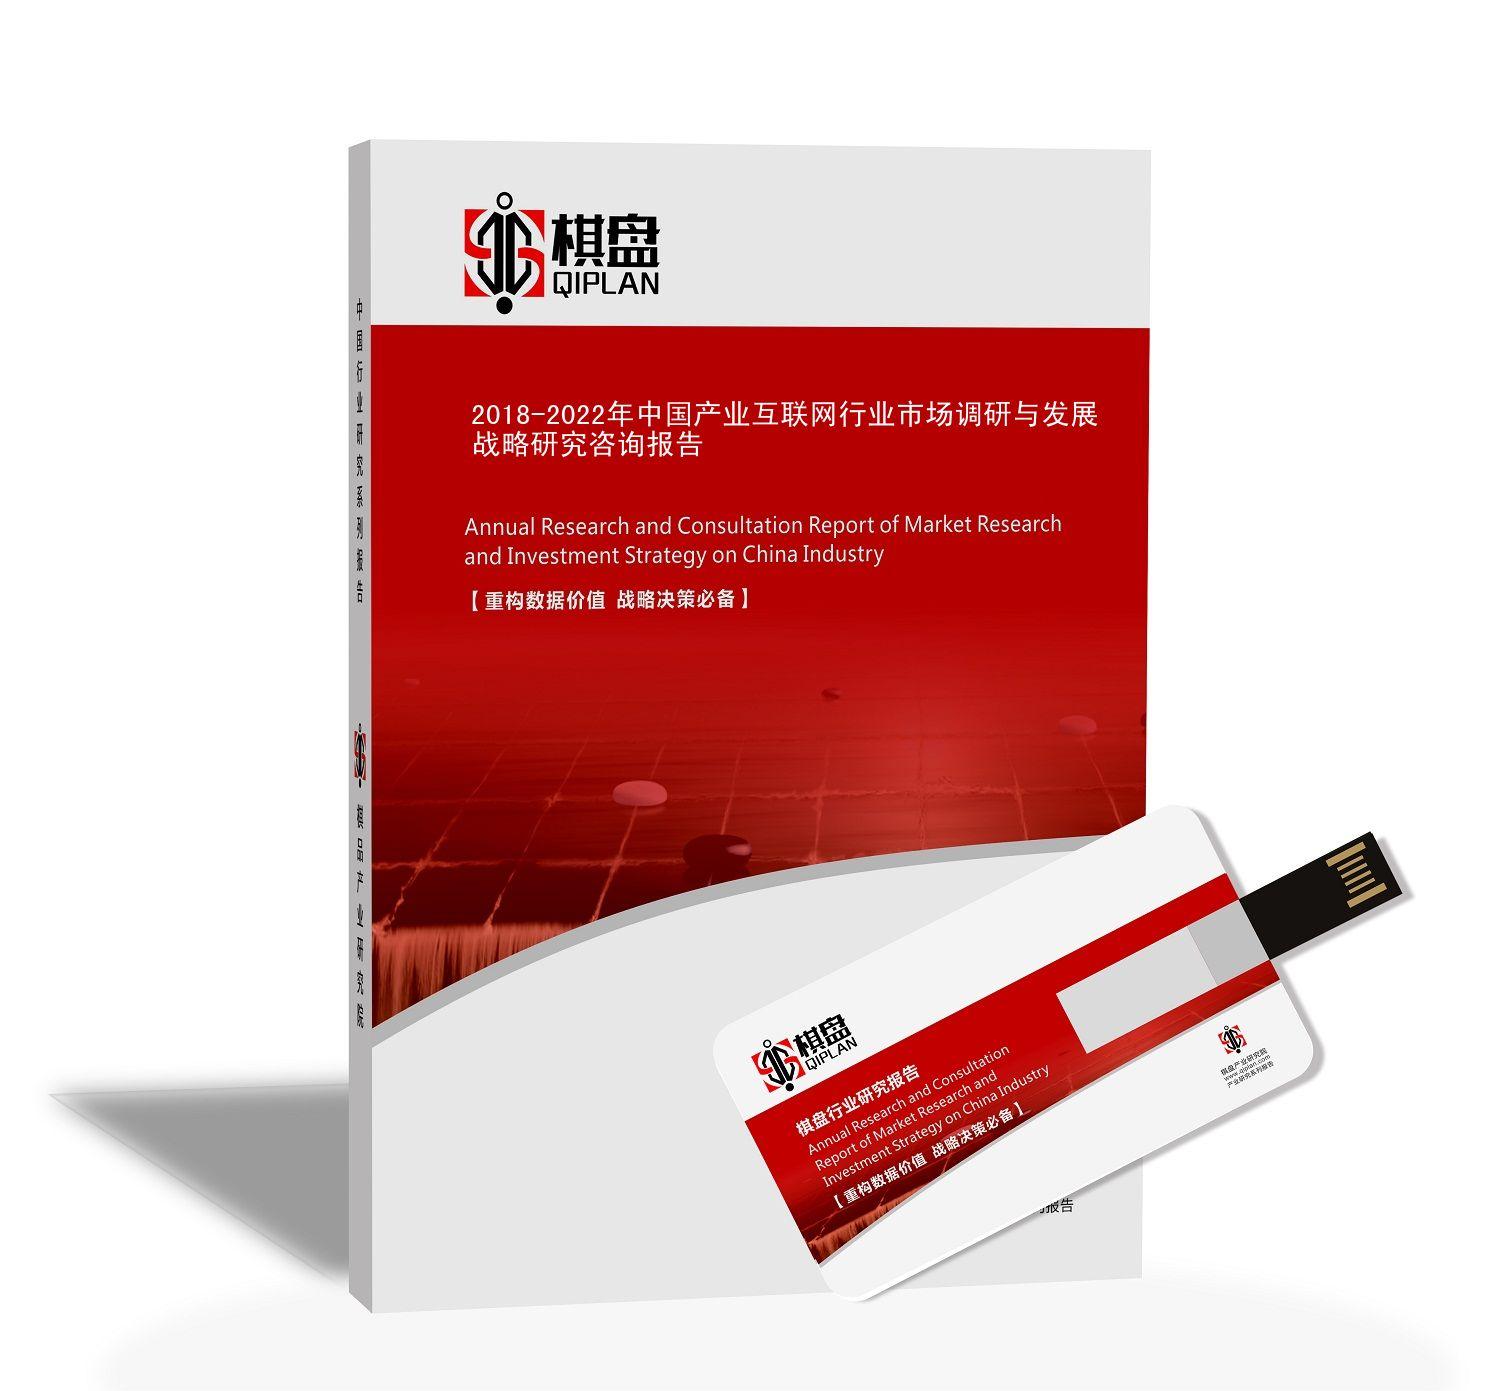 2018-2022年中国产业互联网行业市场调研与发展战略研究咨询报告